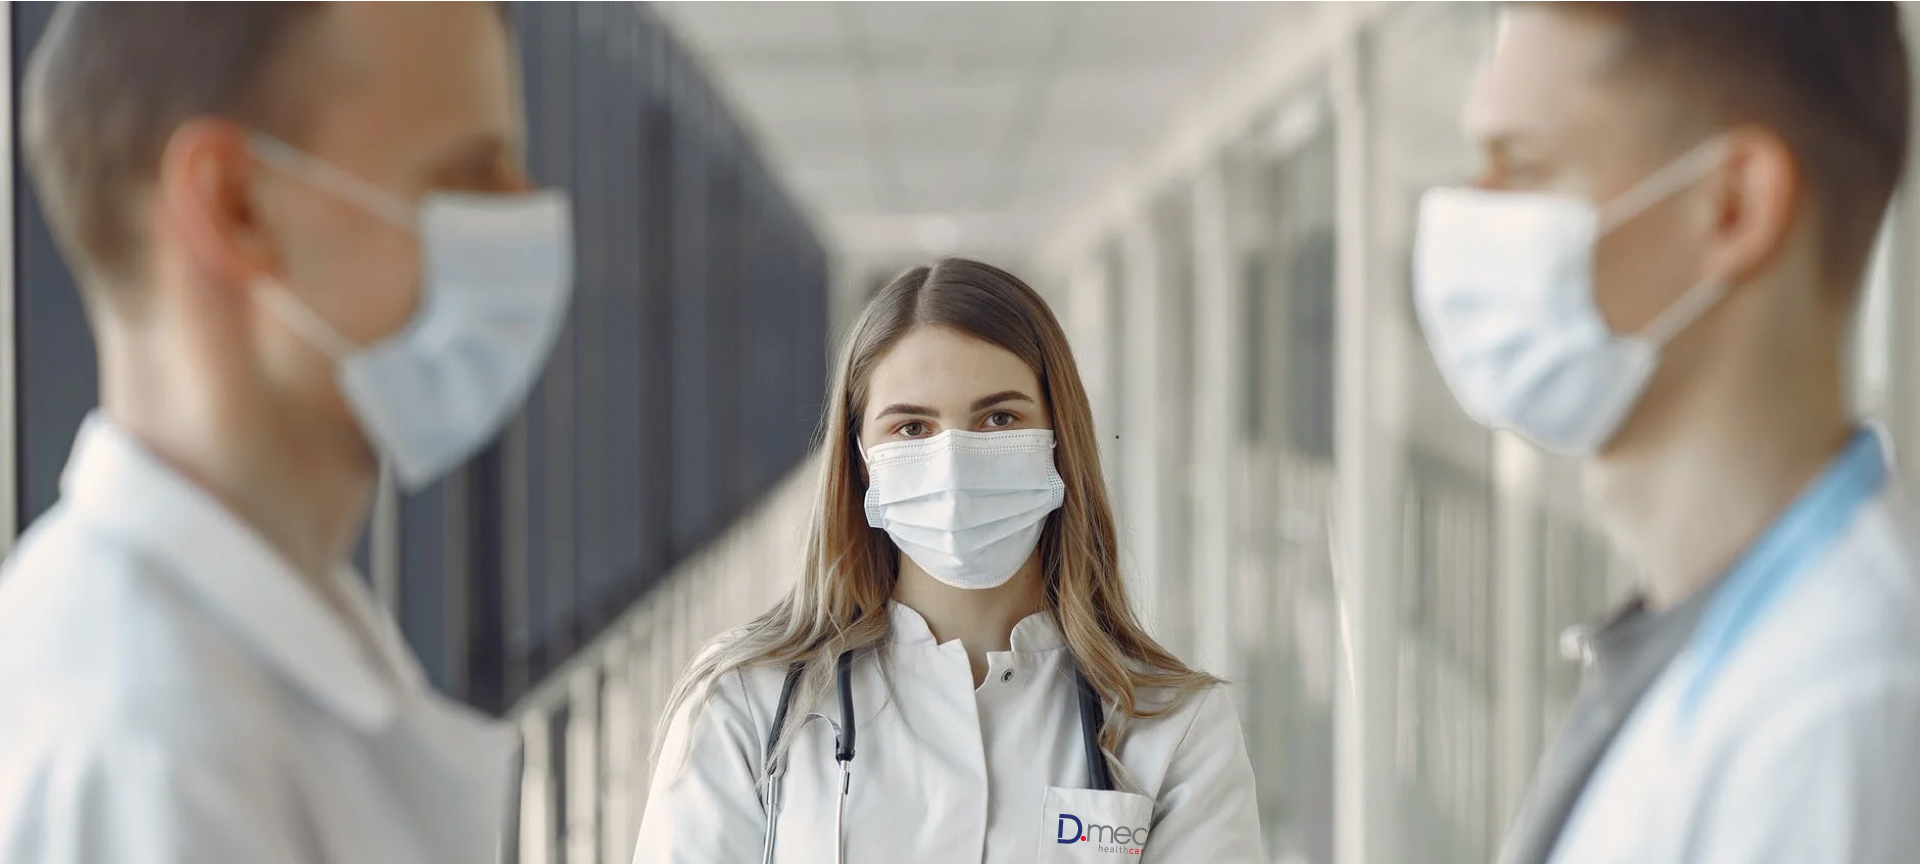 Nurses in corridor